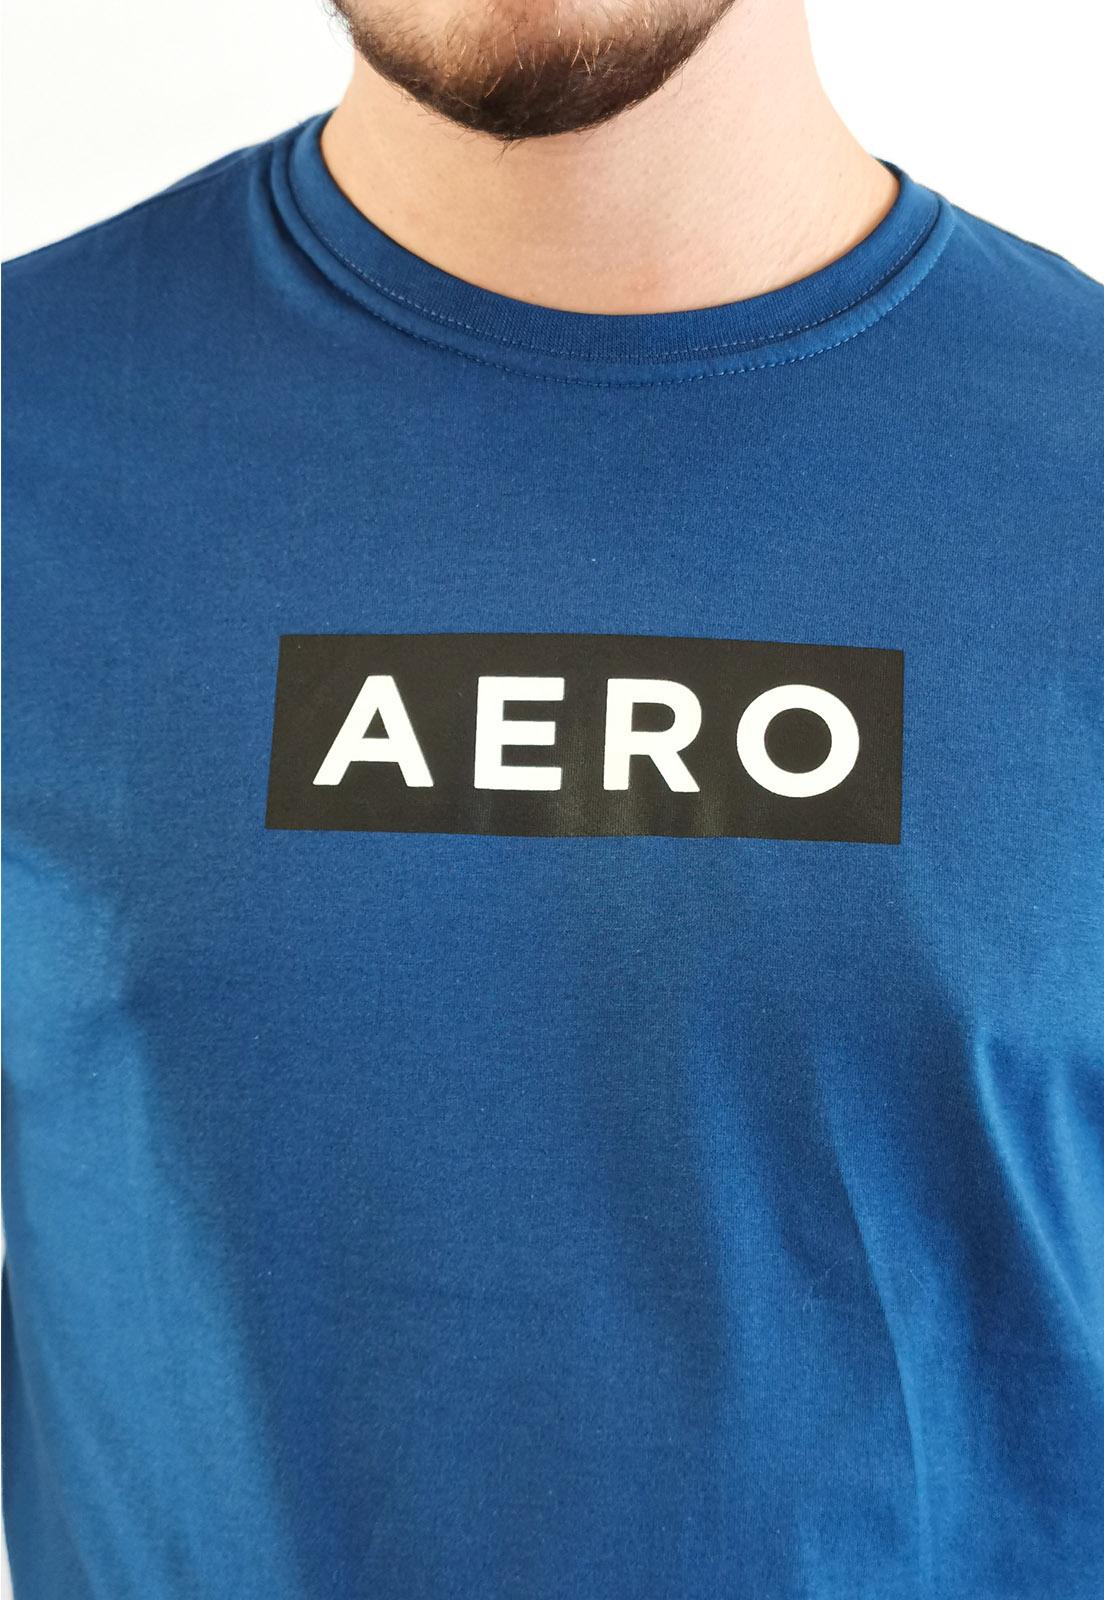 Camiseta Aéropostale Azul Escuro Logo